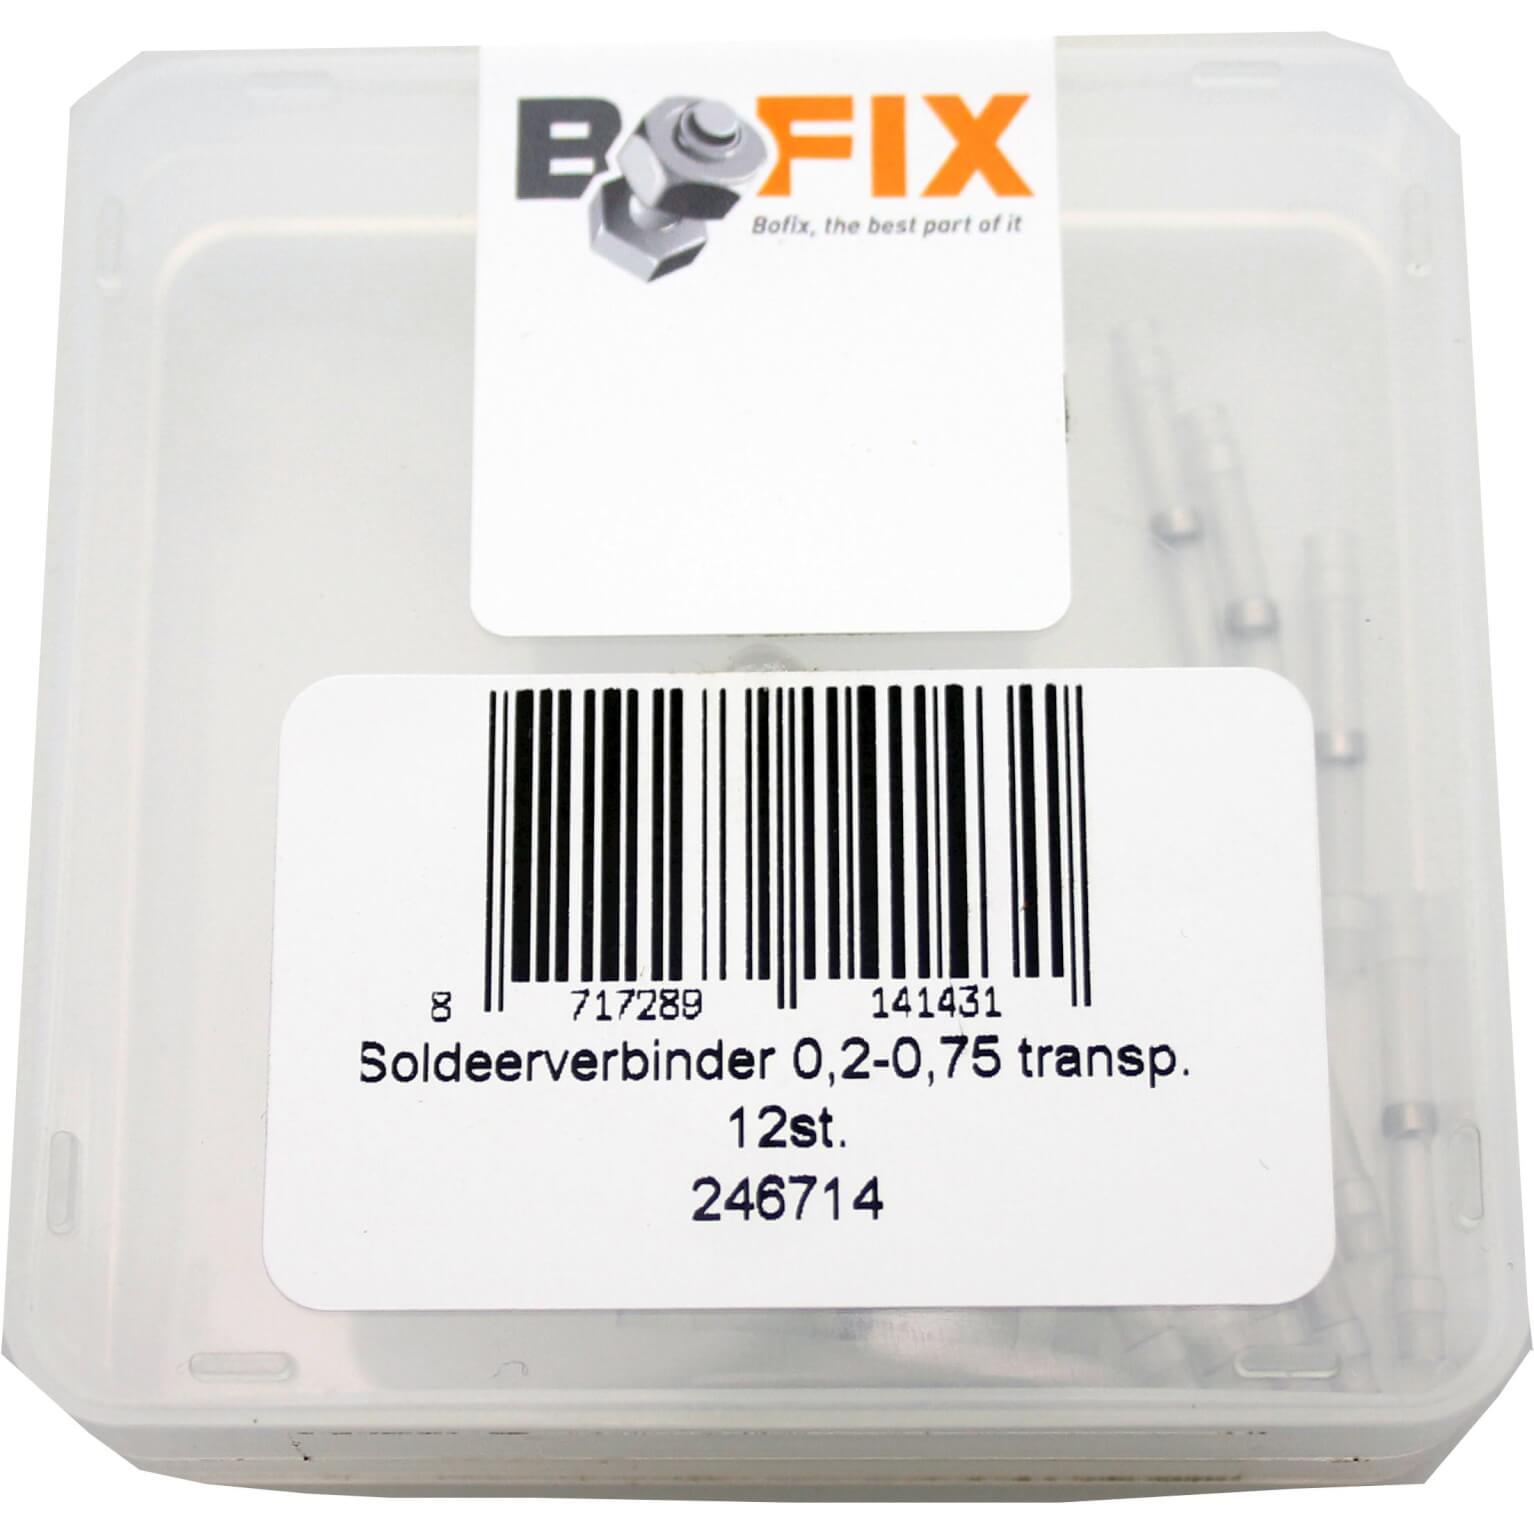 ds soldeerverbinder 0.20-0.75 transp